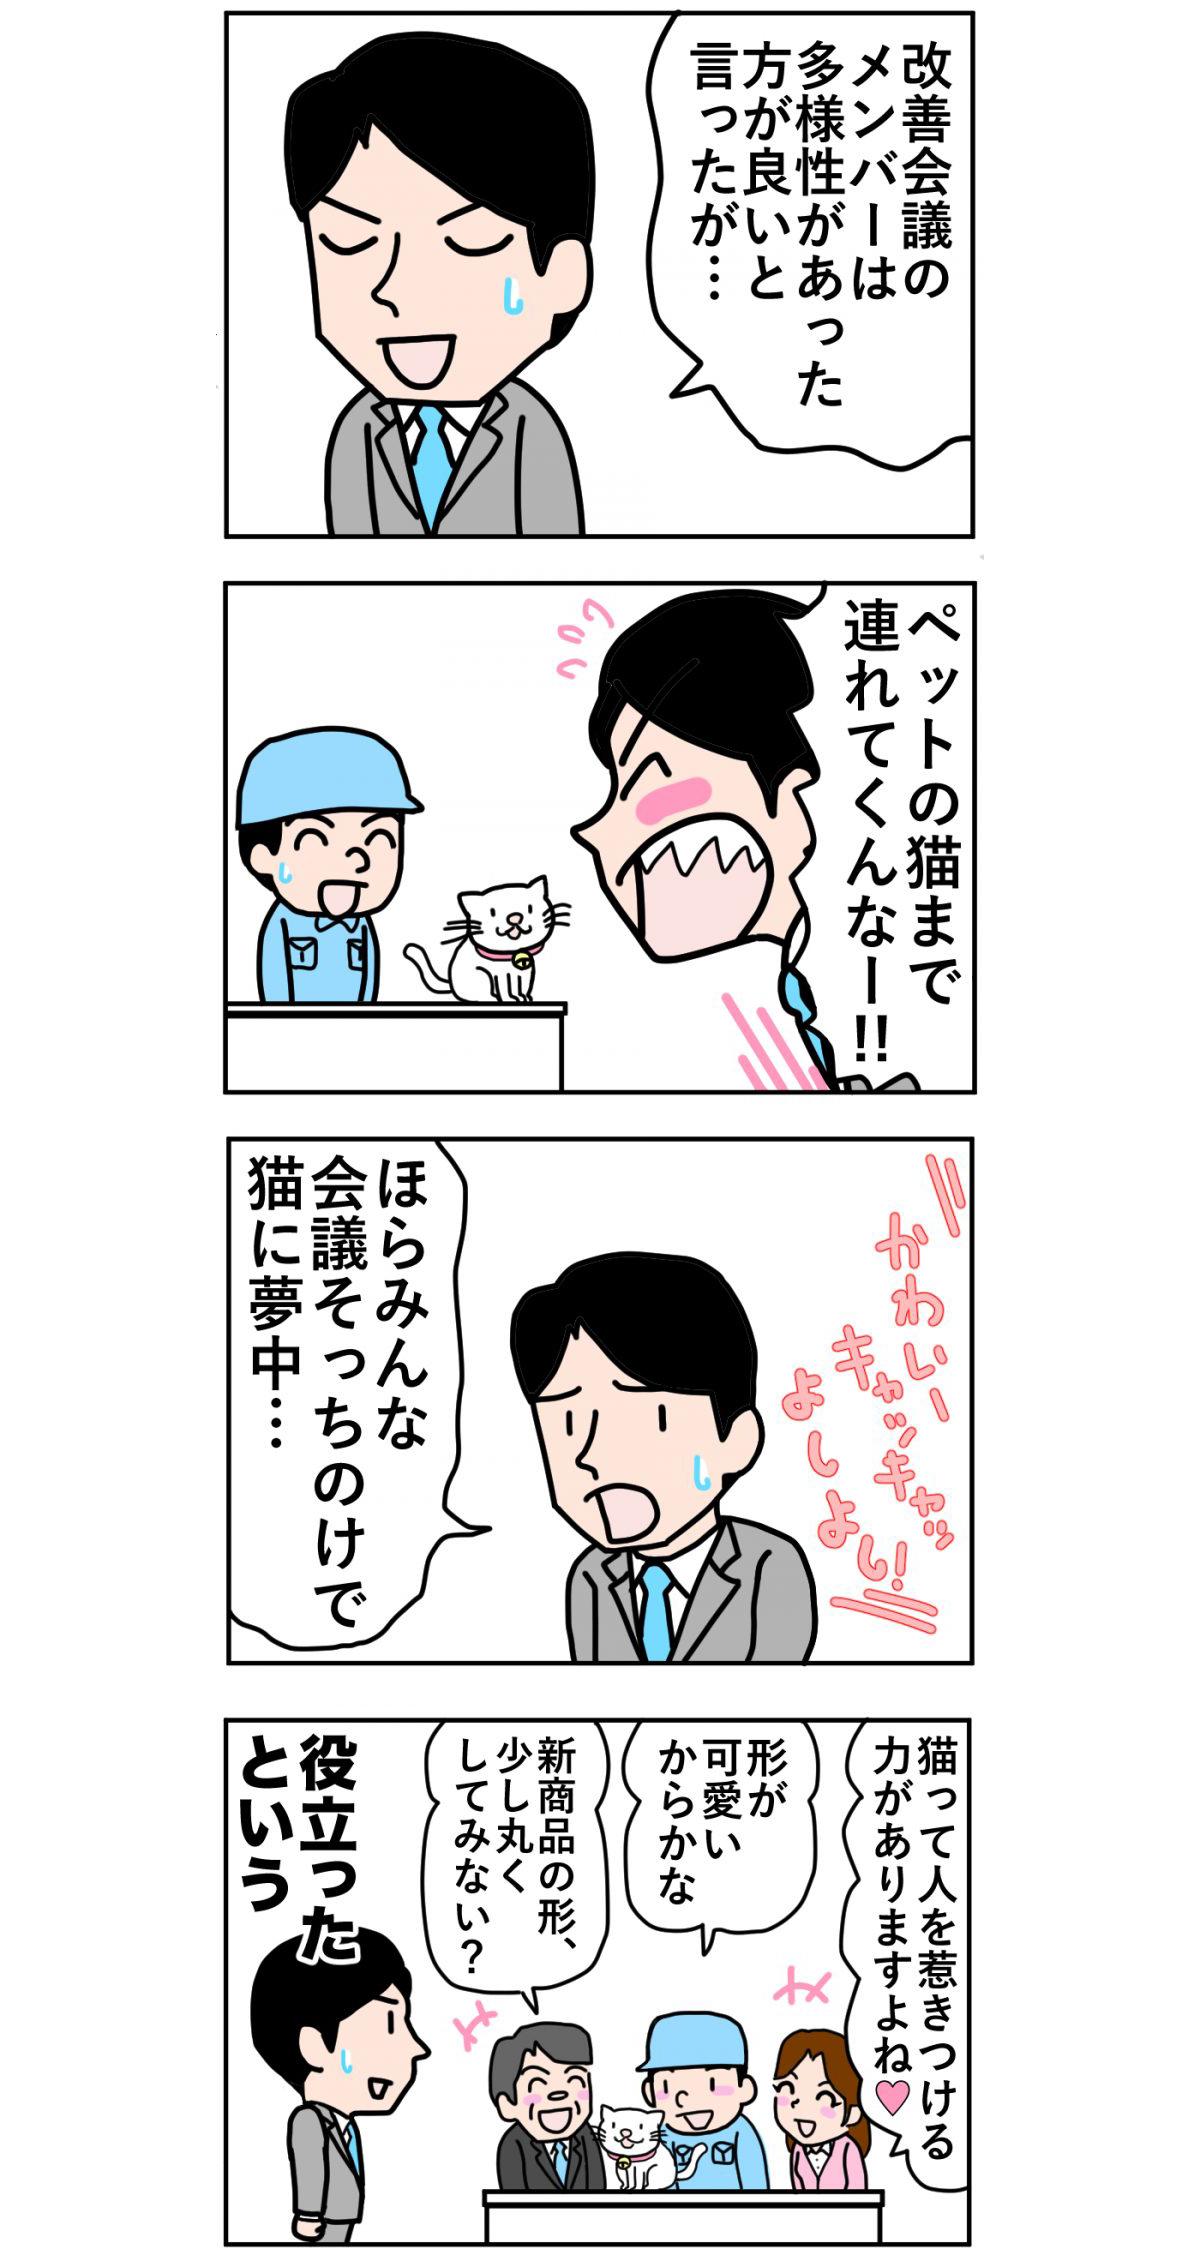 漫画21-768x2255